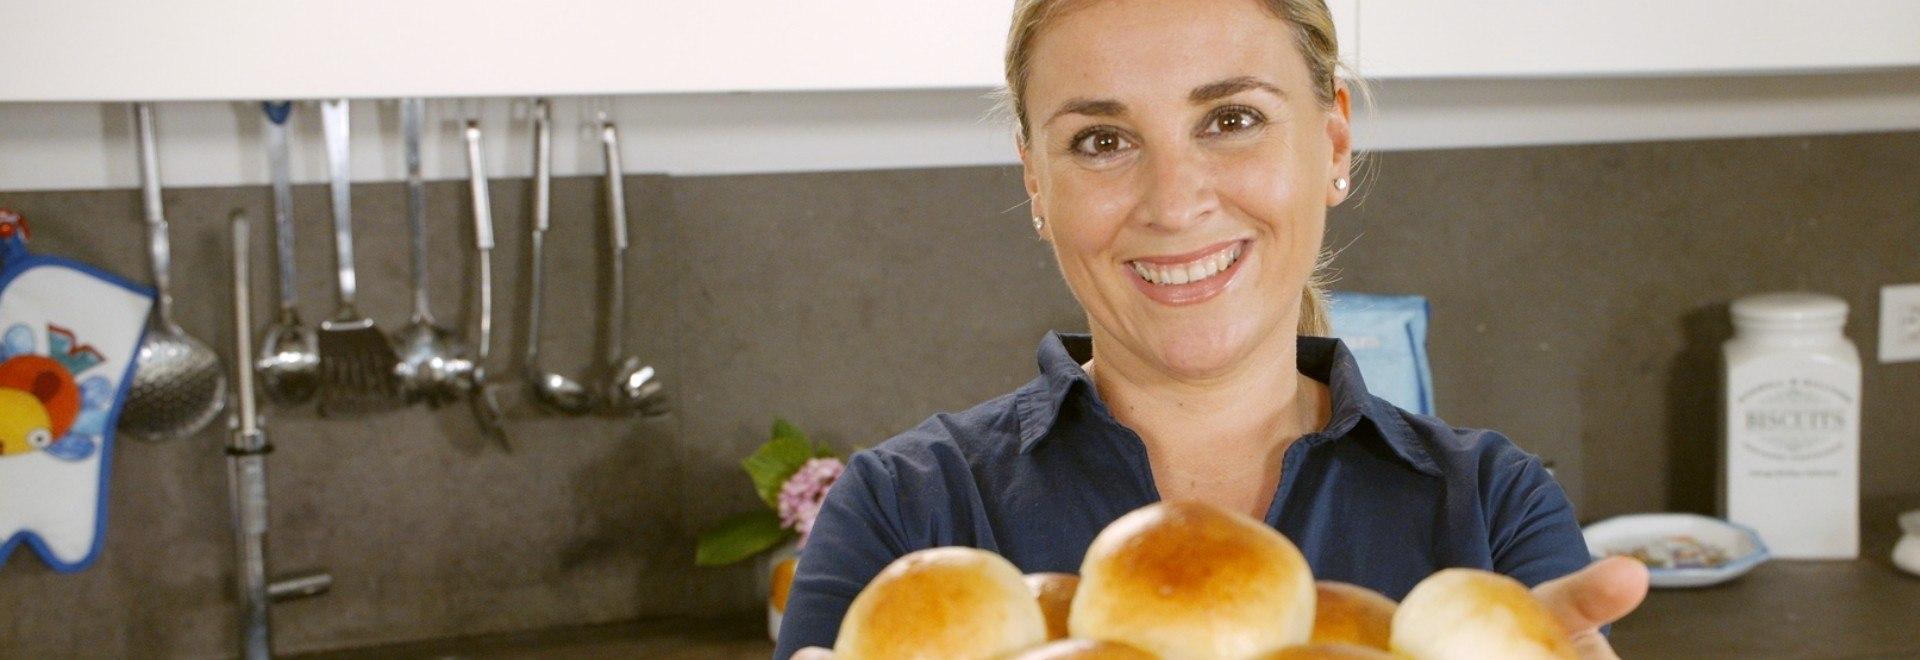 Giusina in cucina - La Sicilia a tavola